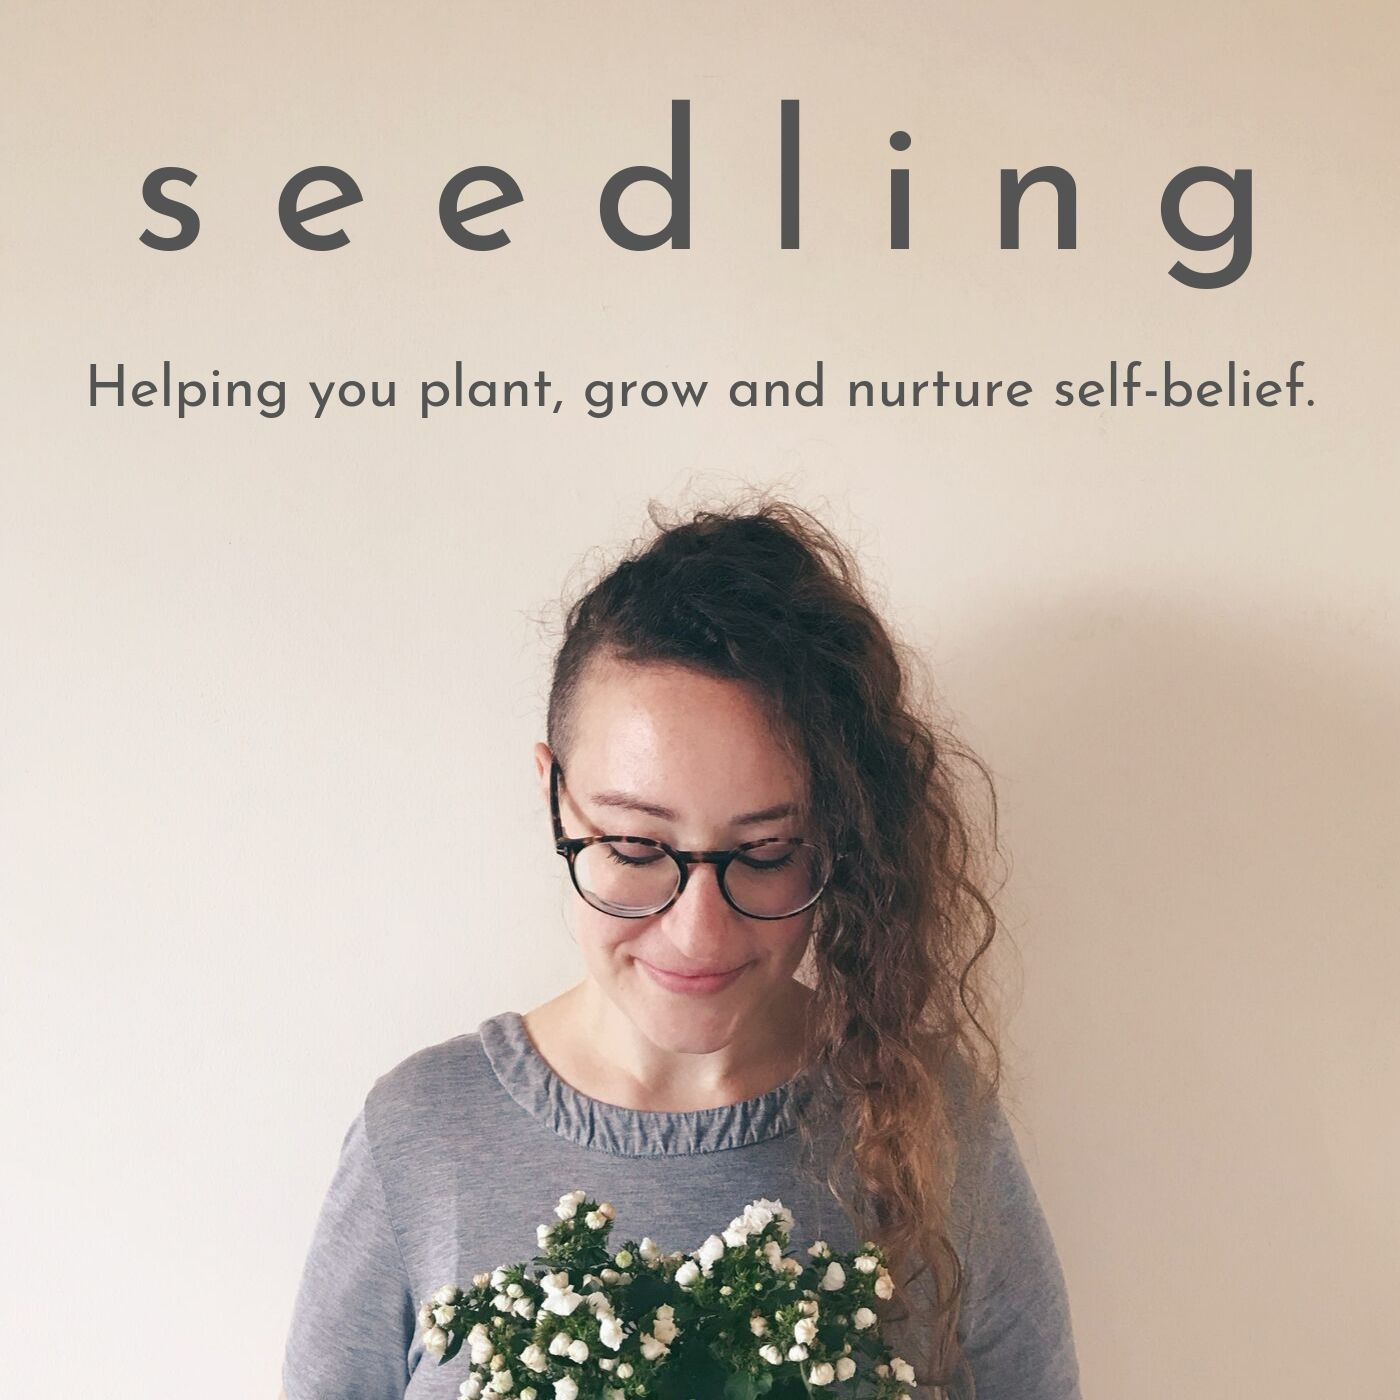 Seedling show art